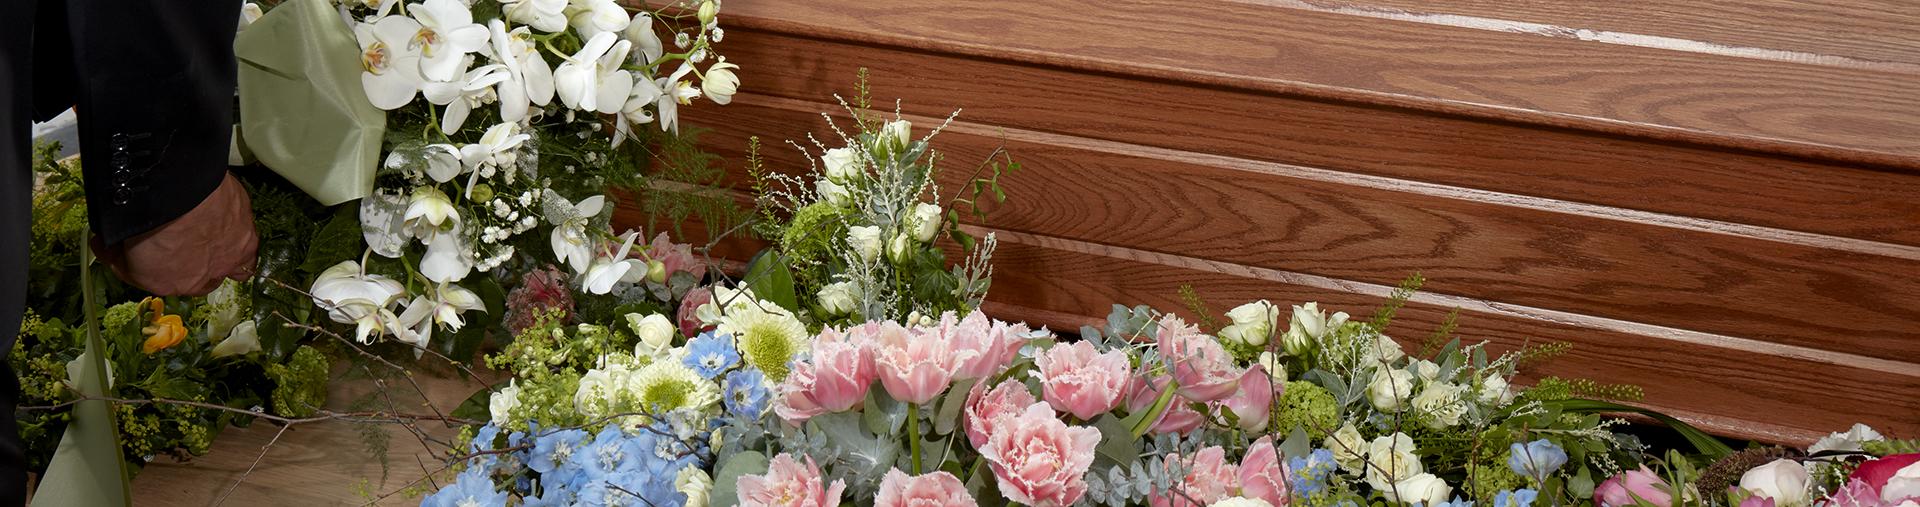 Kauniit kukat valitaan vainajan muistoksi.